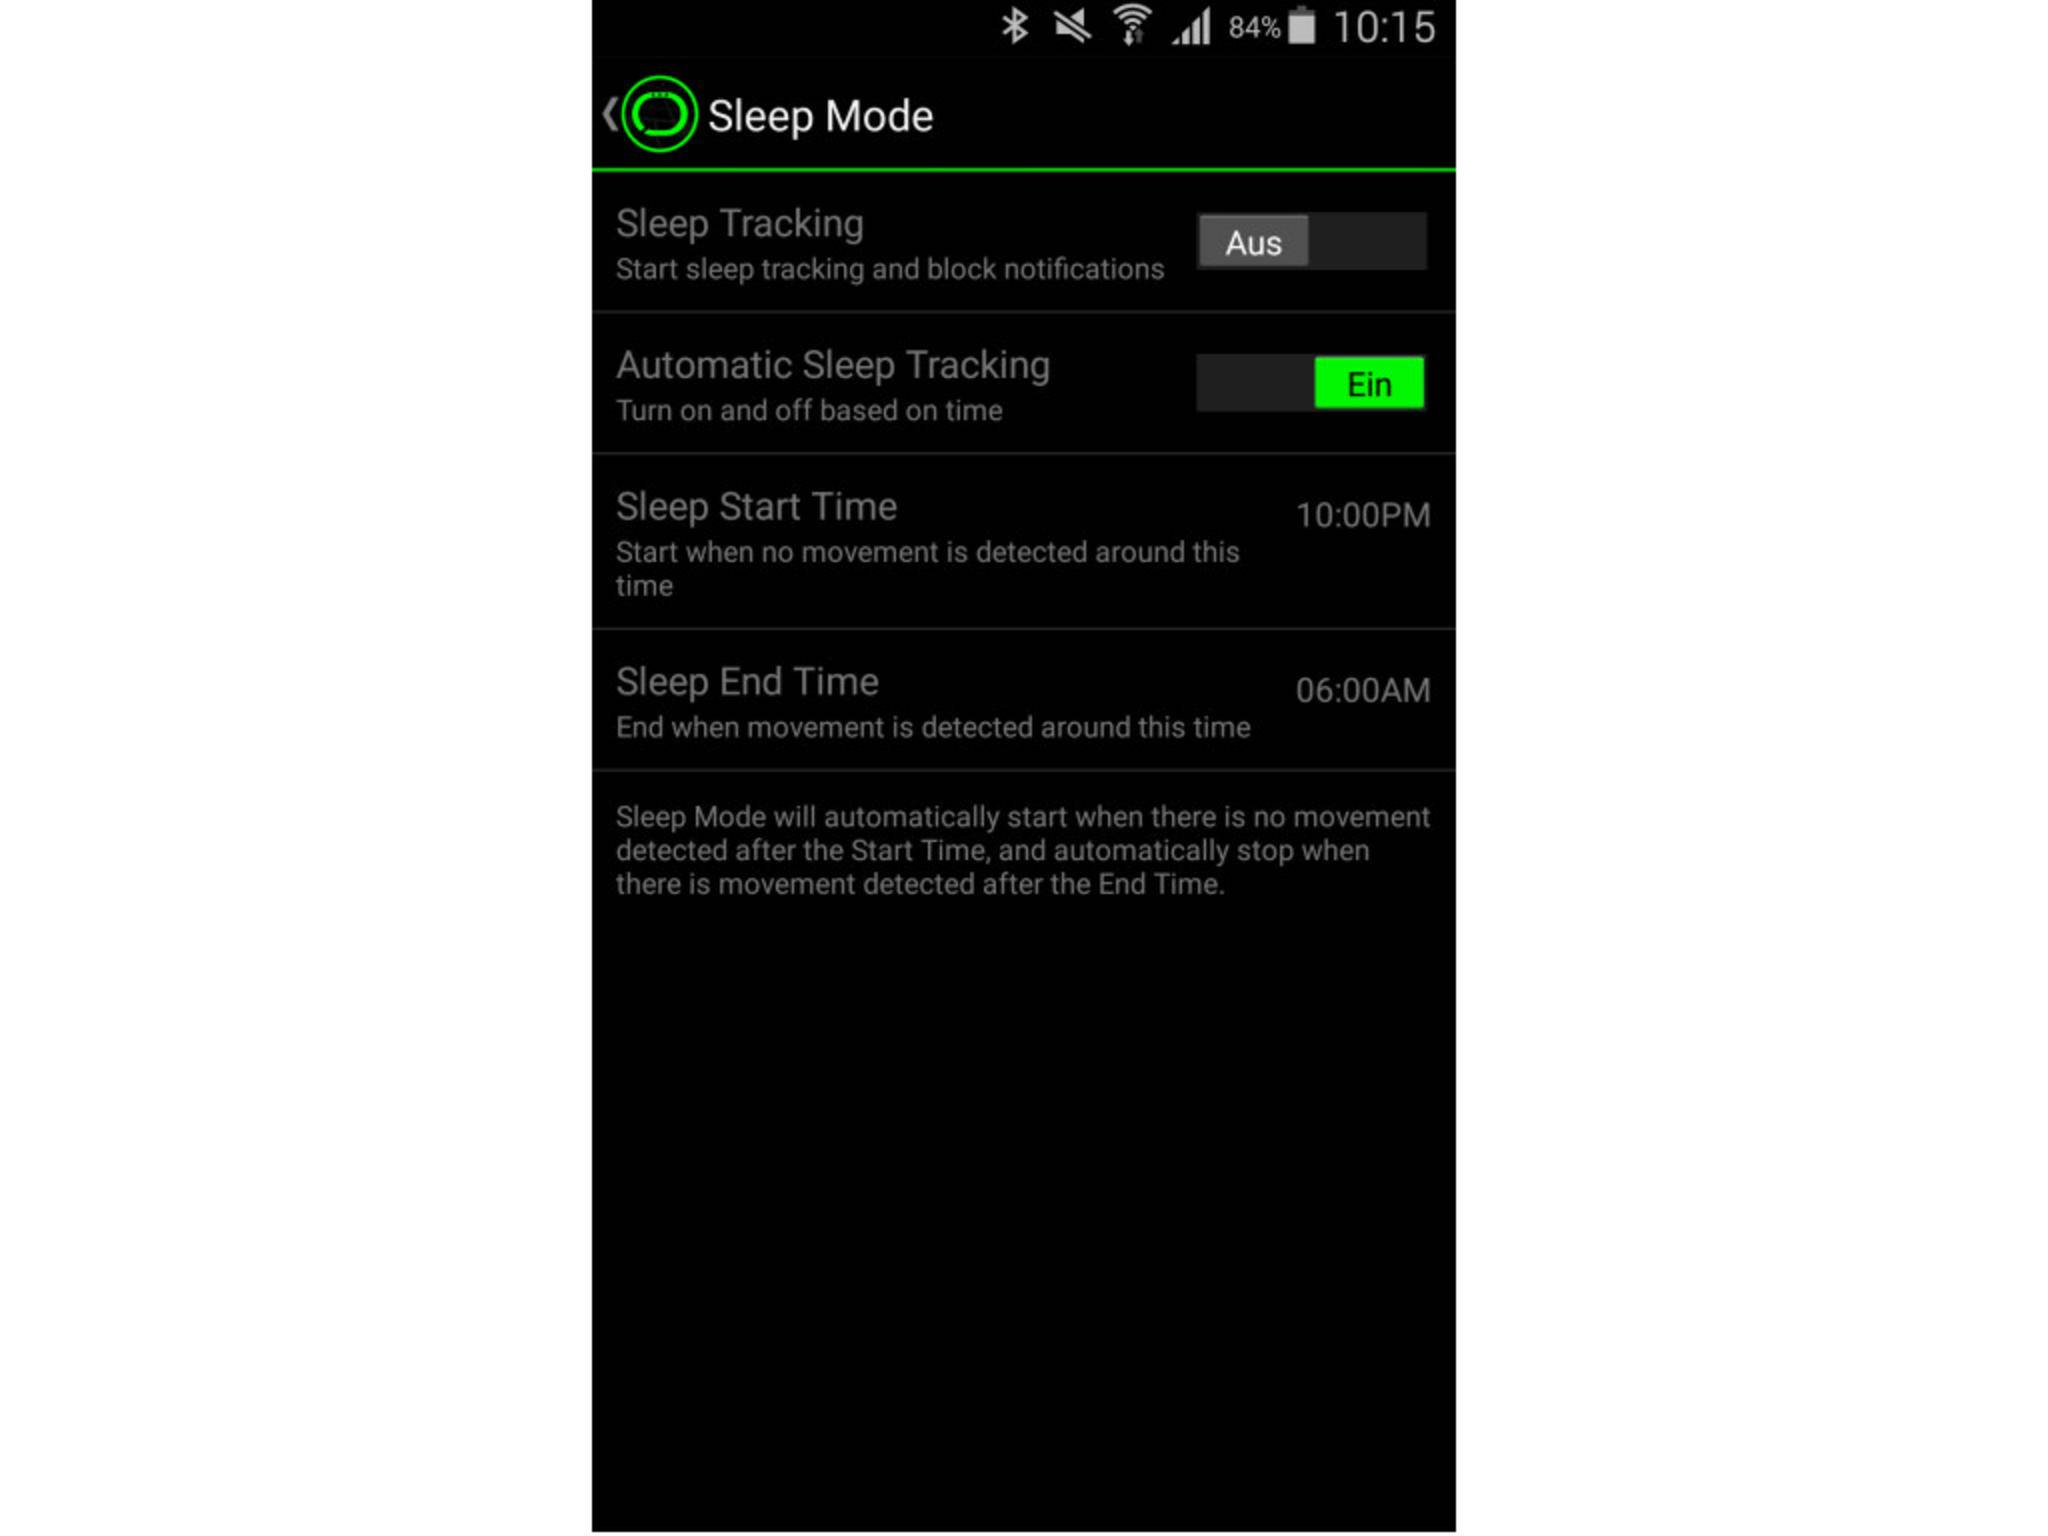 Hier lässt sich der Schlafmodus manuell oder automatisch aktivieren.